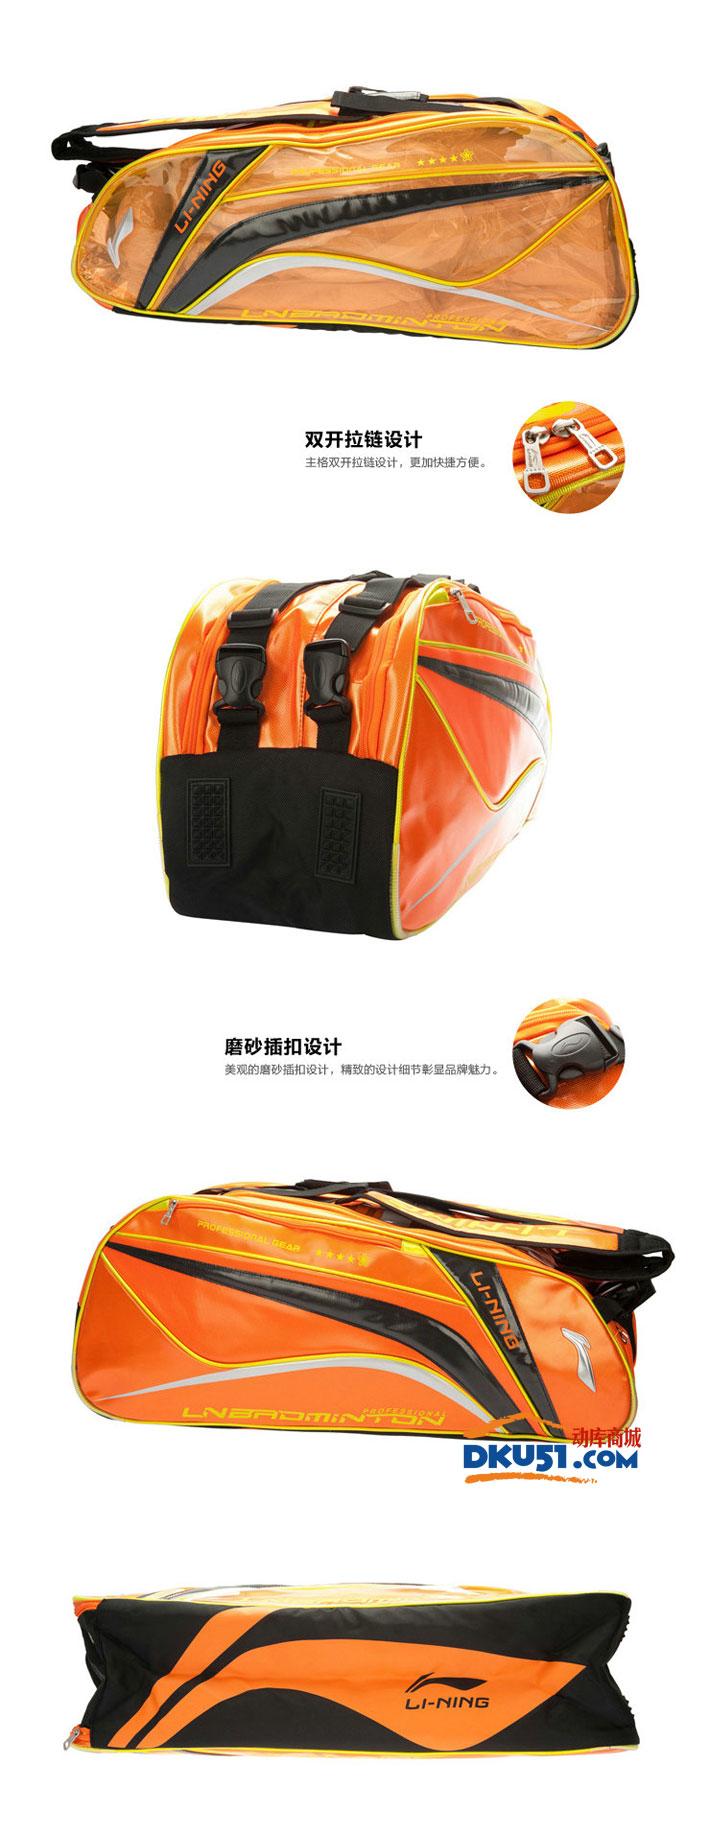 李寧ABJK032-2橘色六支裝羽毛球包(國家隊世錦賽湛龍專業包) 2015新款